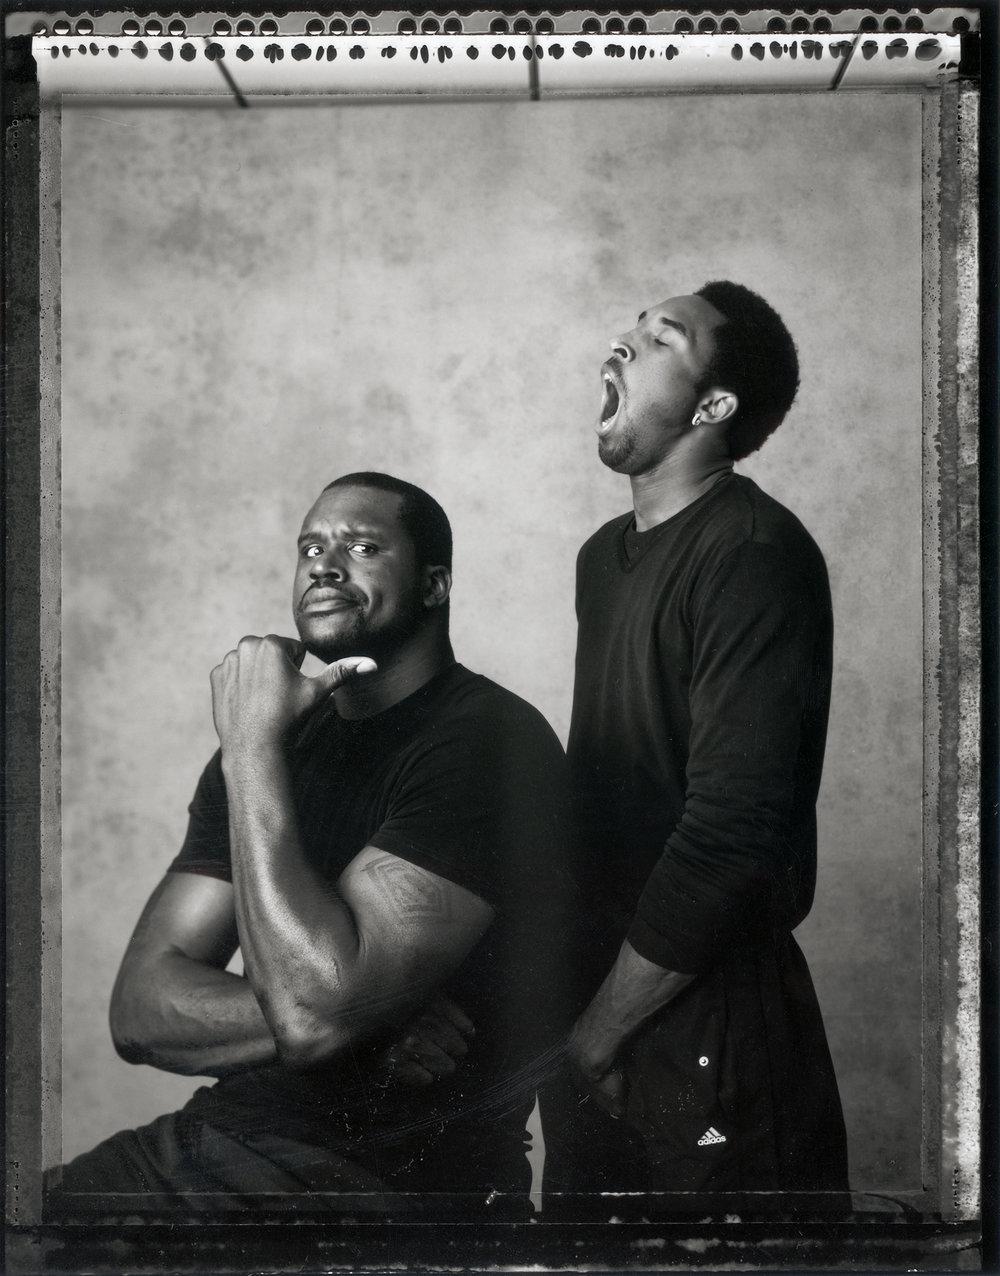 Shaquille O'Neal & Kobe Bryant, 2001